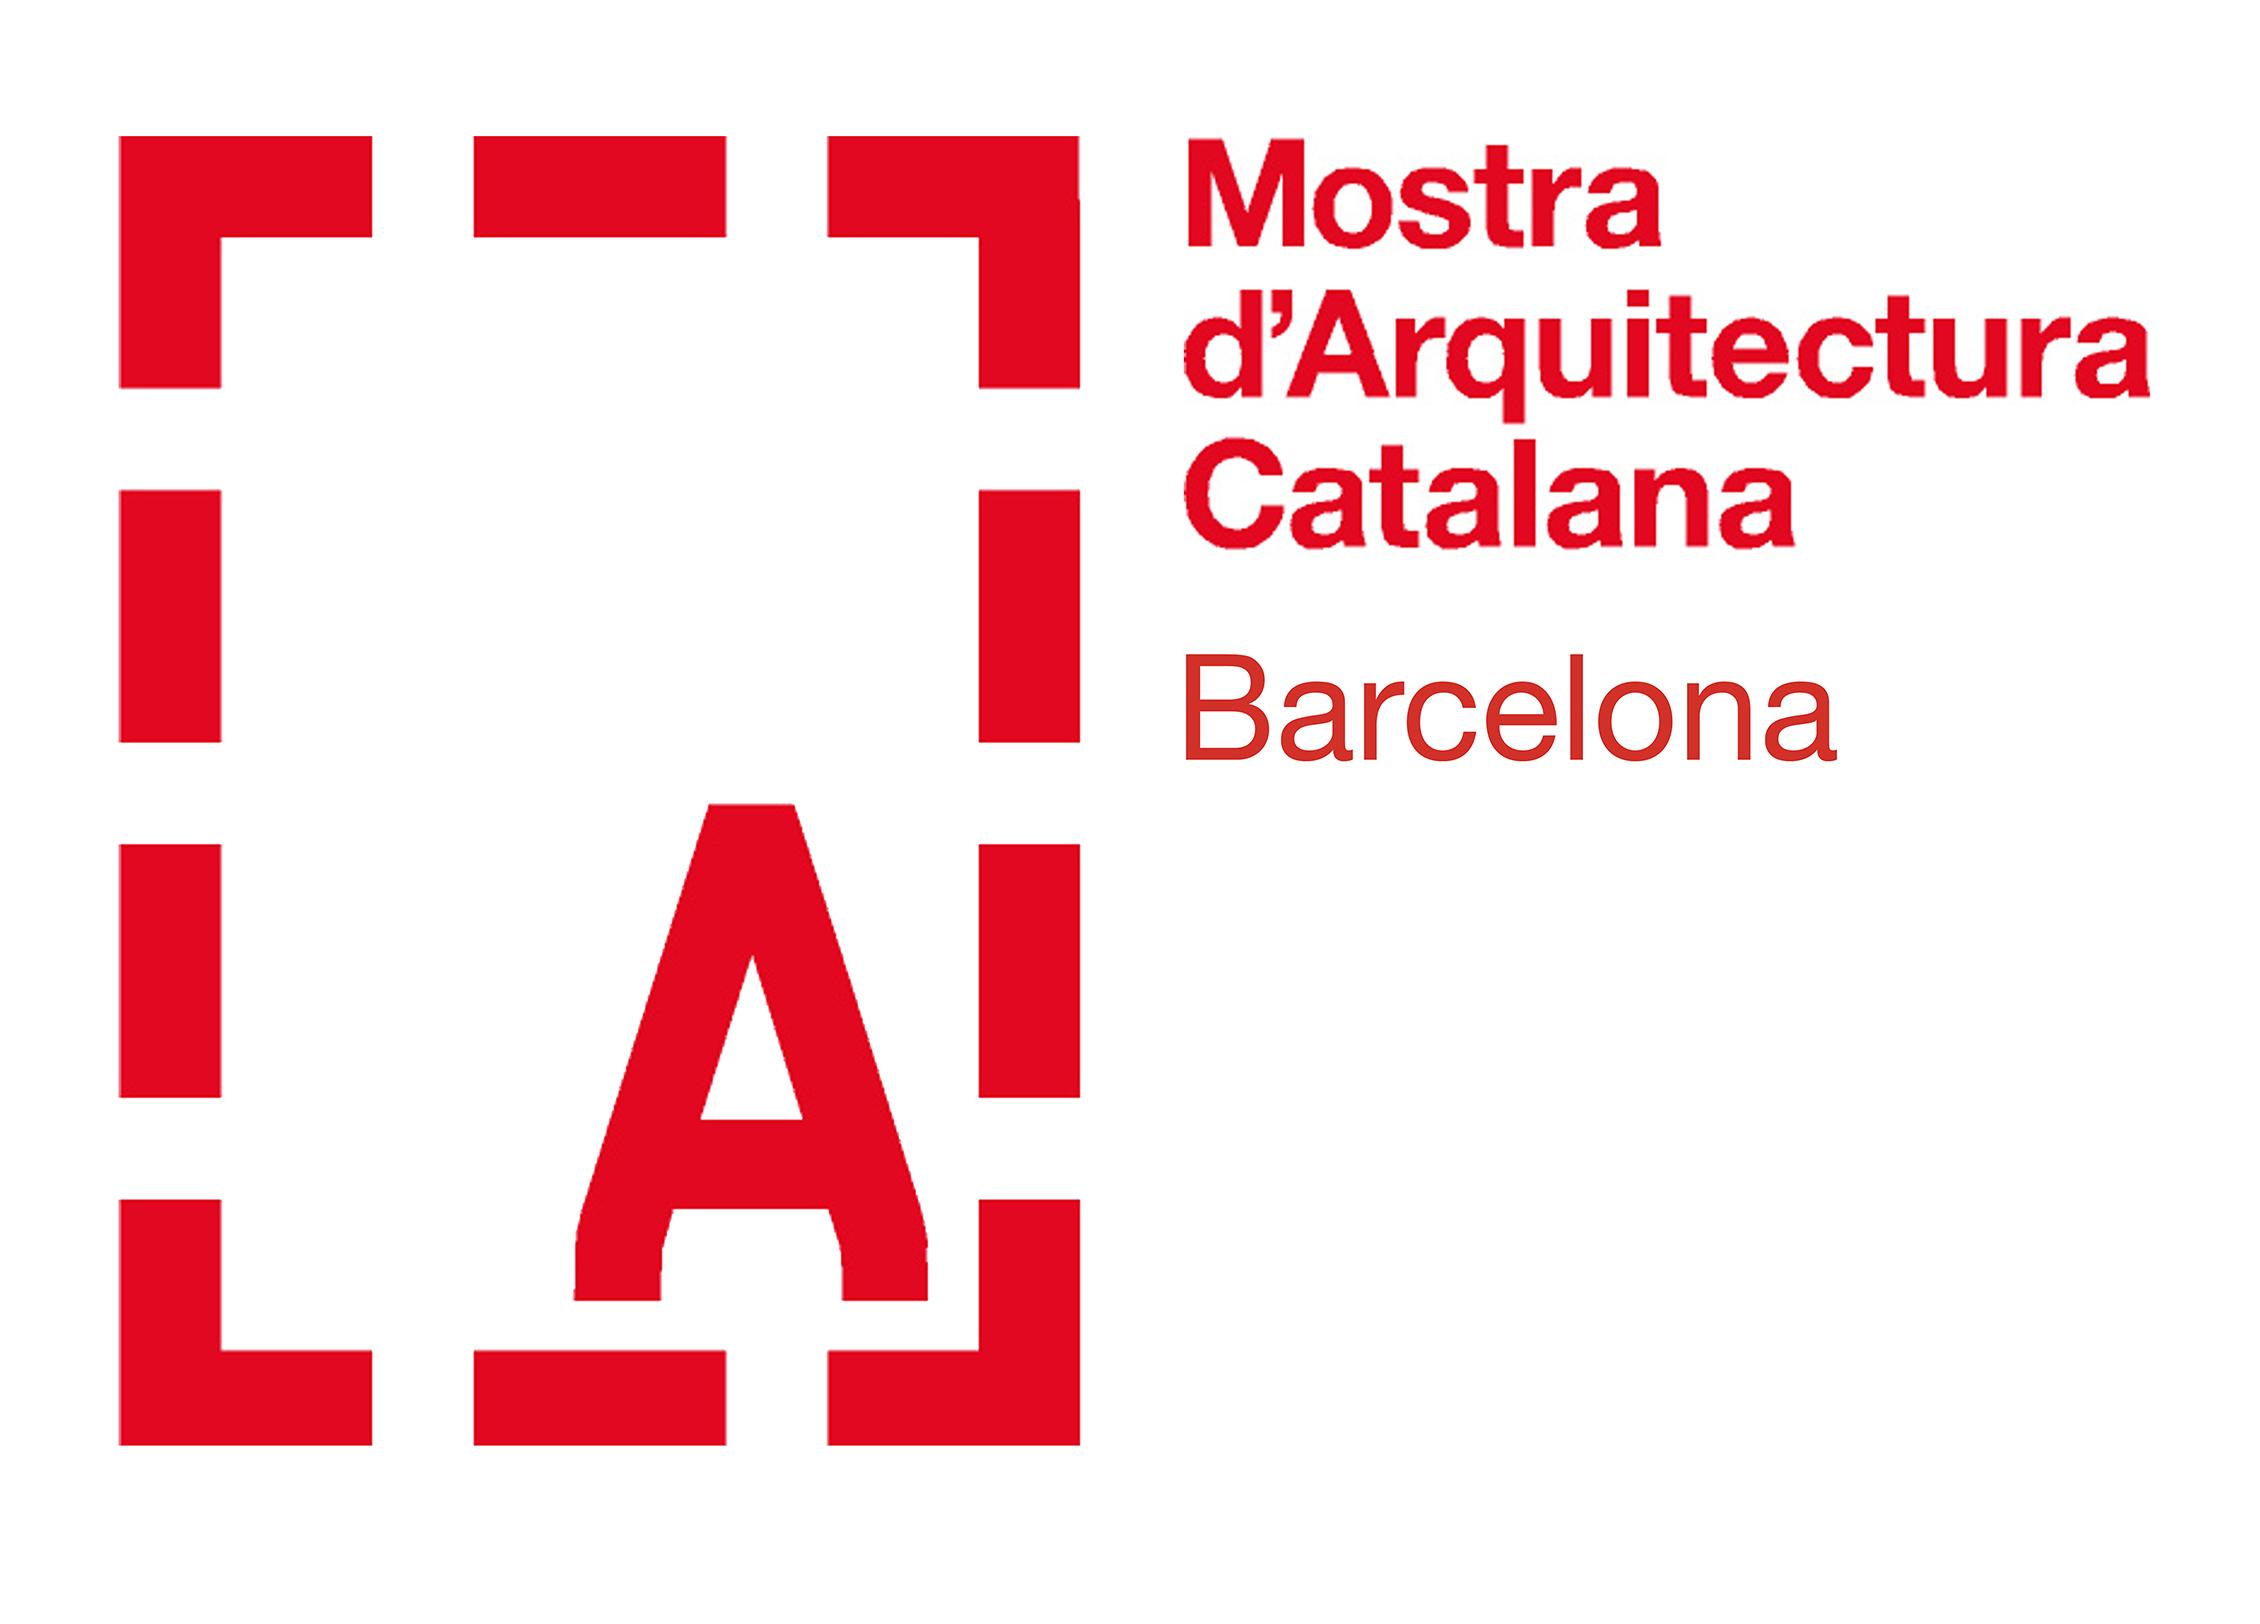 Mostres d'Arquitectura (Barcelona)